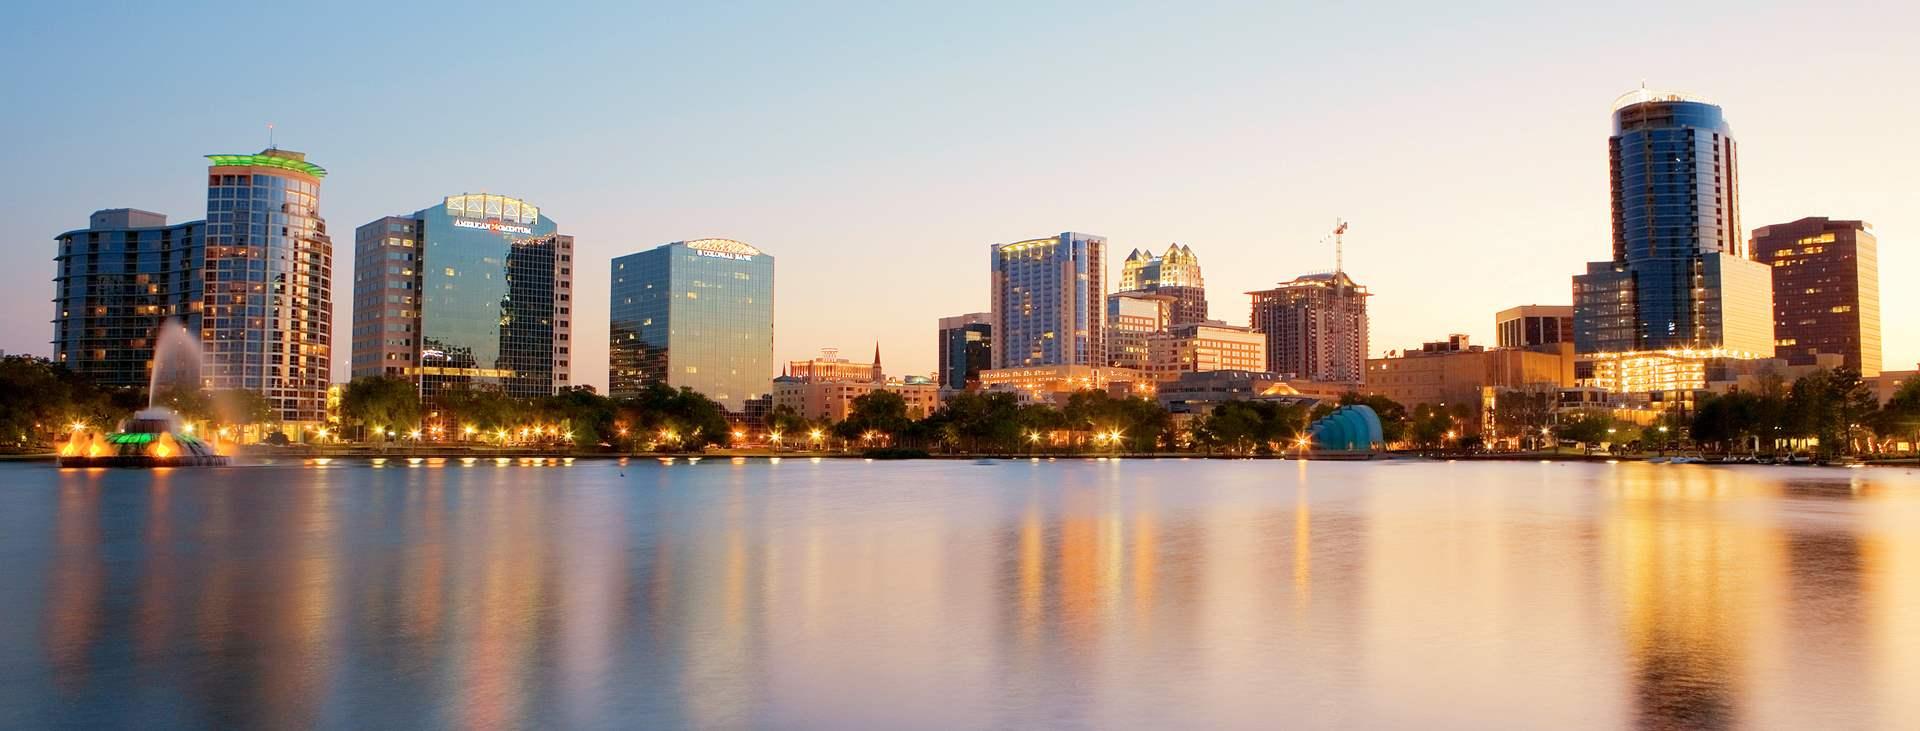 Bestill en reise til Orlando i Florida – opplev USA med Ving